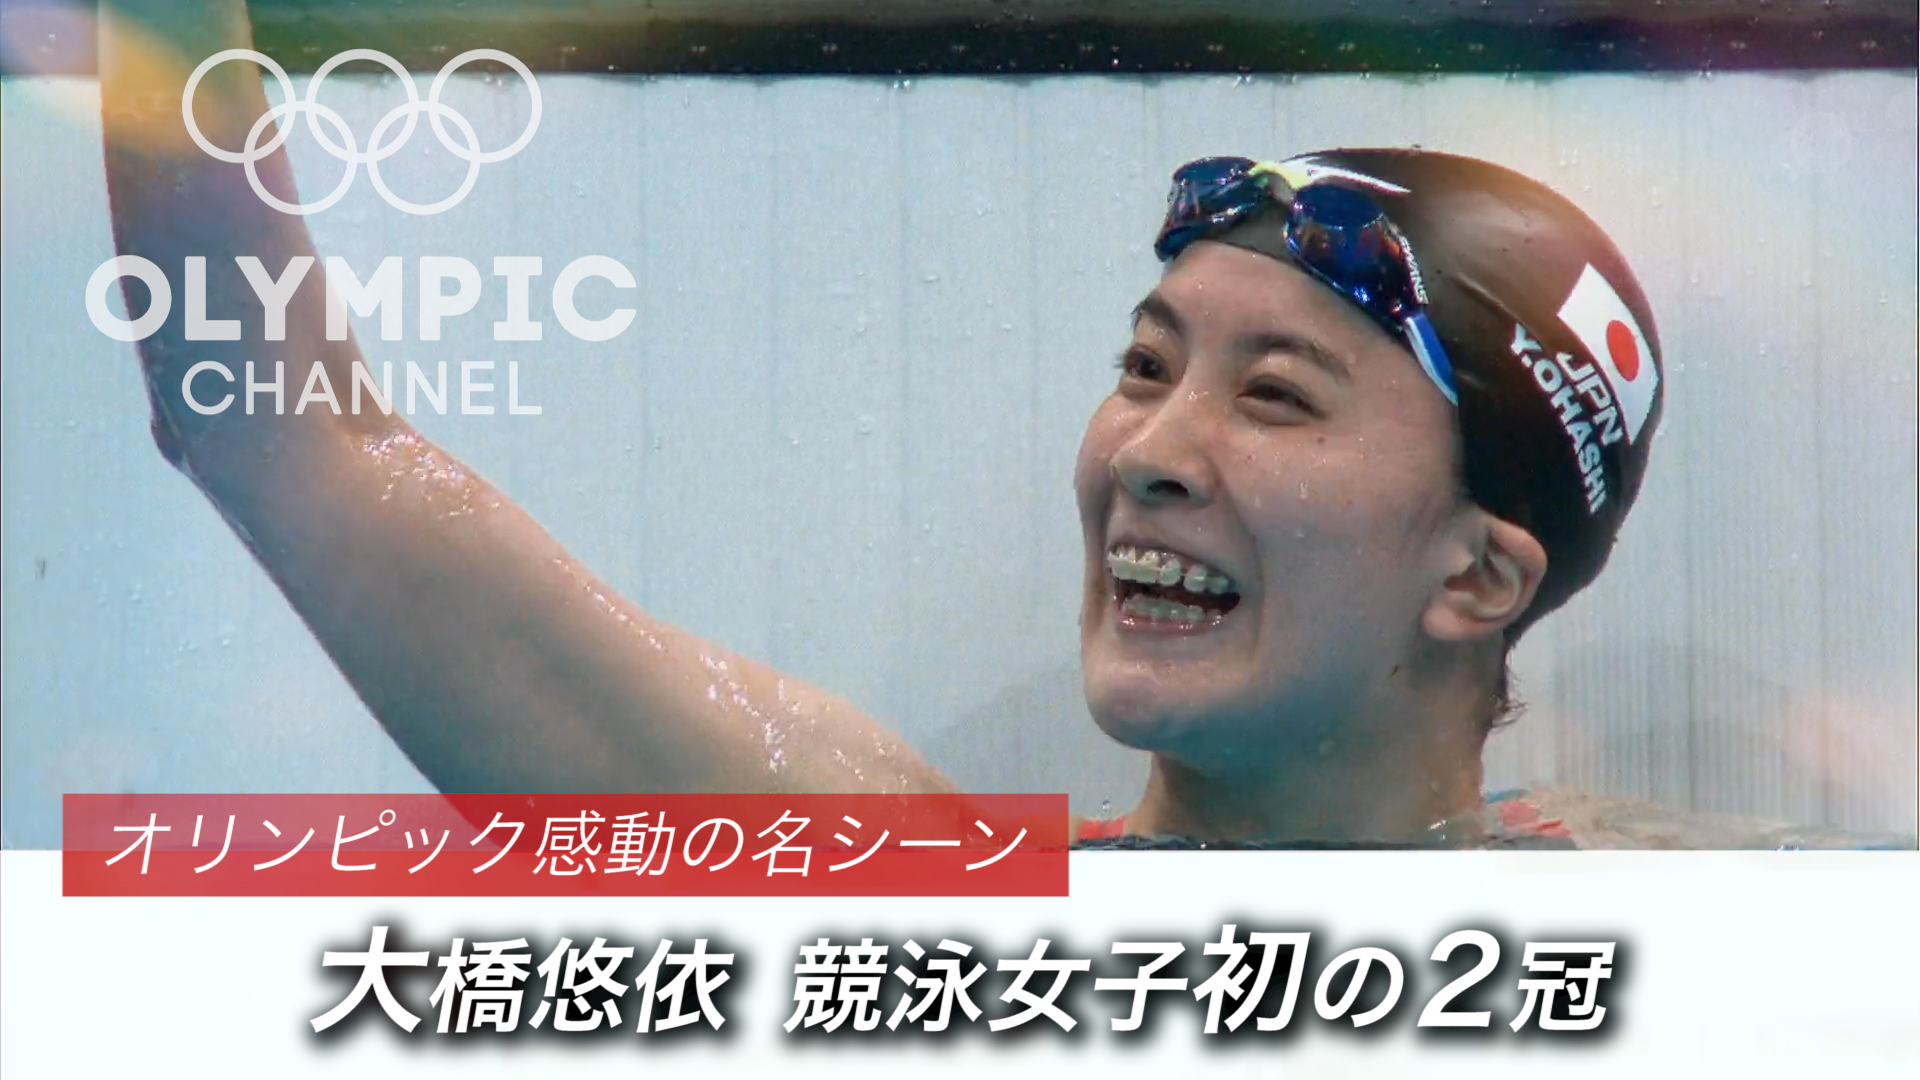 オリンピック感動の名シーン 大橋悠依 競泳女子初の2冠